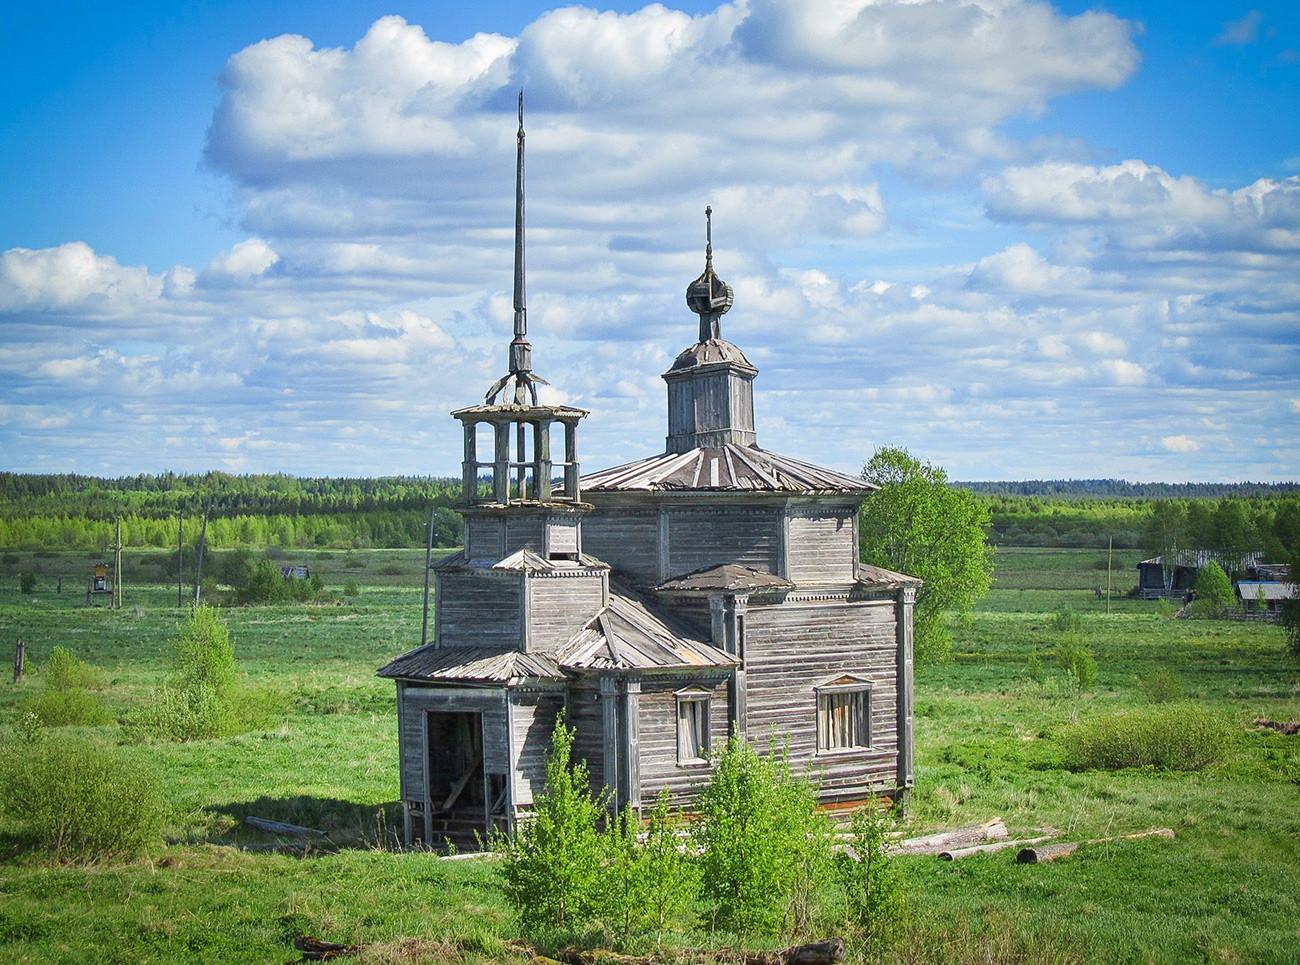 La chapelle de Smolensk à Verkhovié (1 500km au nord de Moscou) dans la région d'Arkhangelsk.